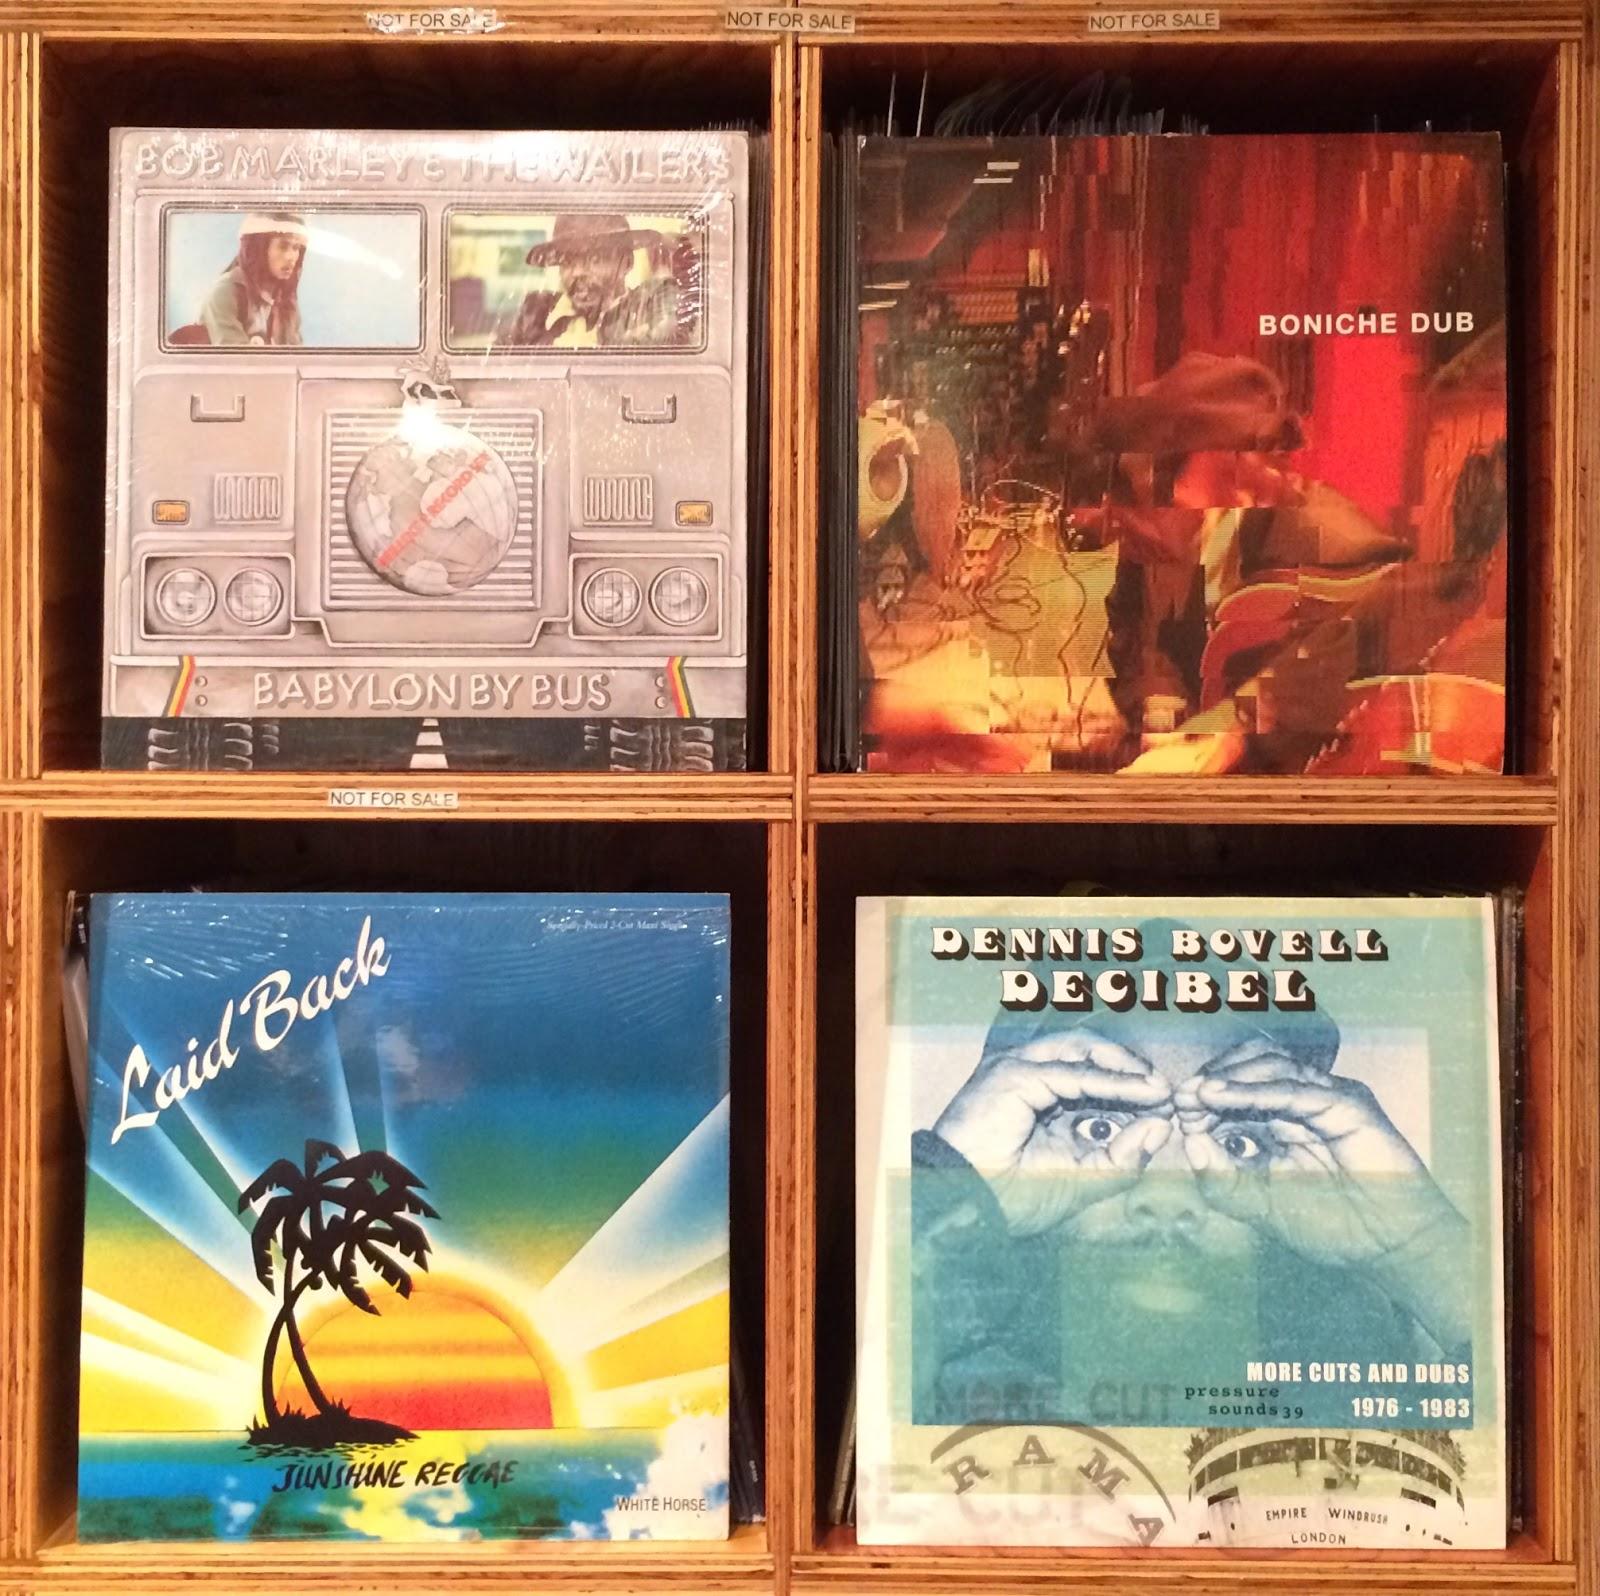 Boniche Dub [Vinyl]